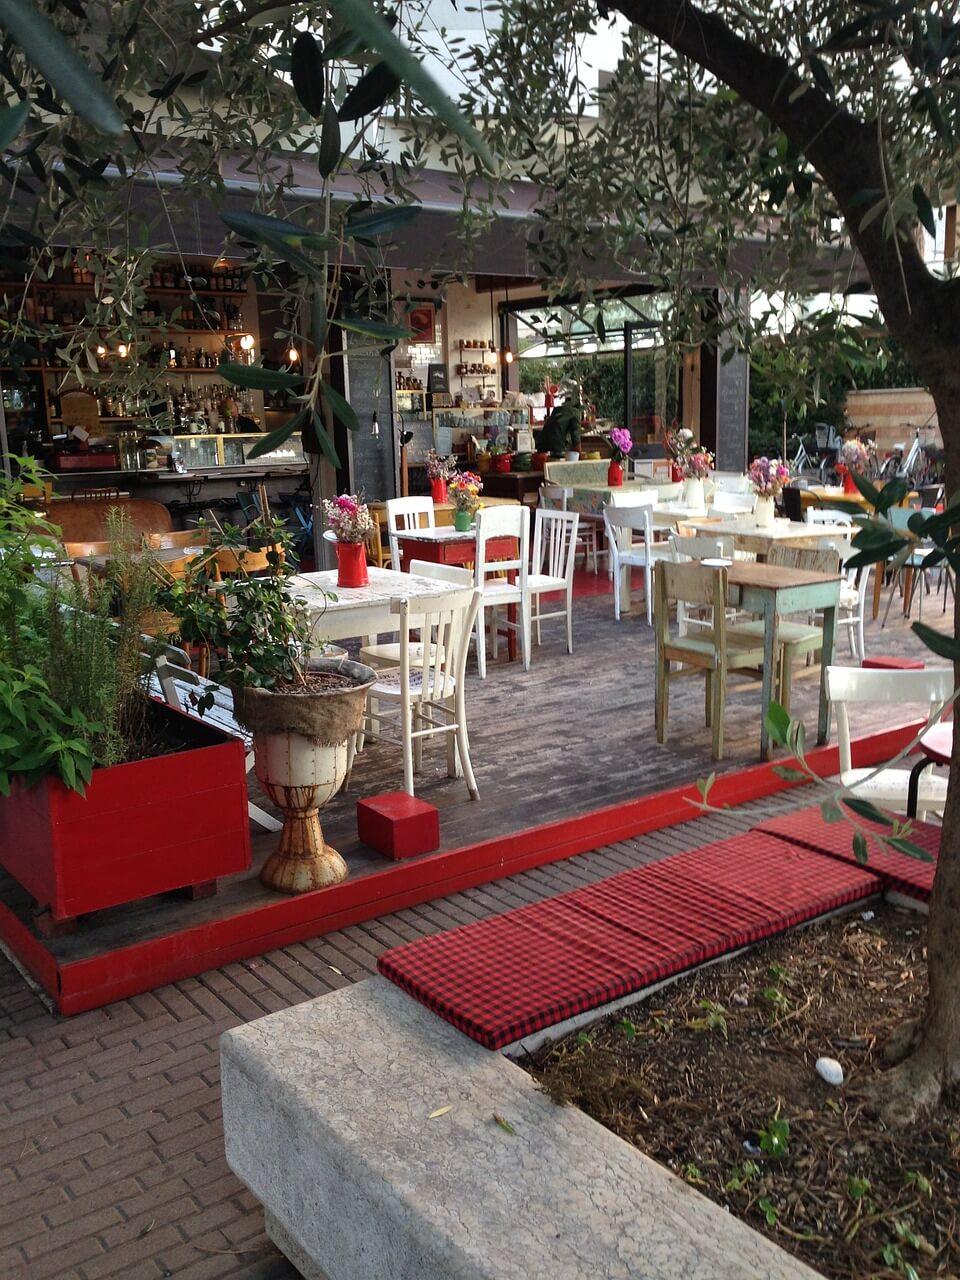 Rimini Urlaub – Reiseführer & Reise-Tipps Essen und Trinken